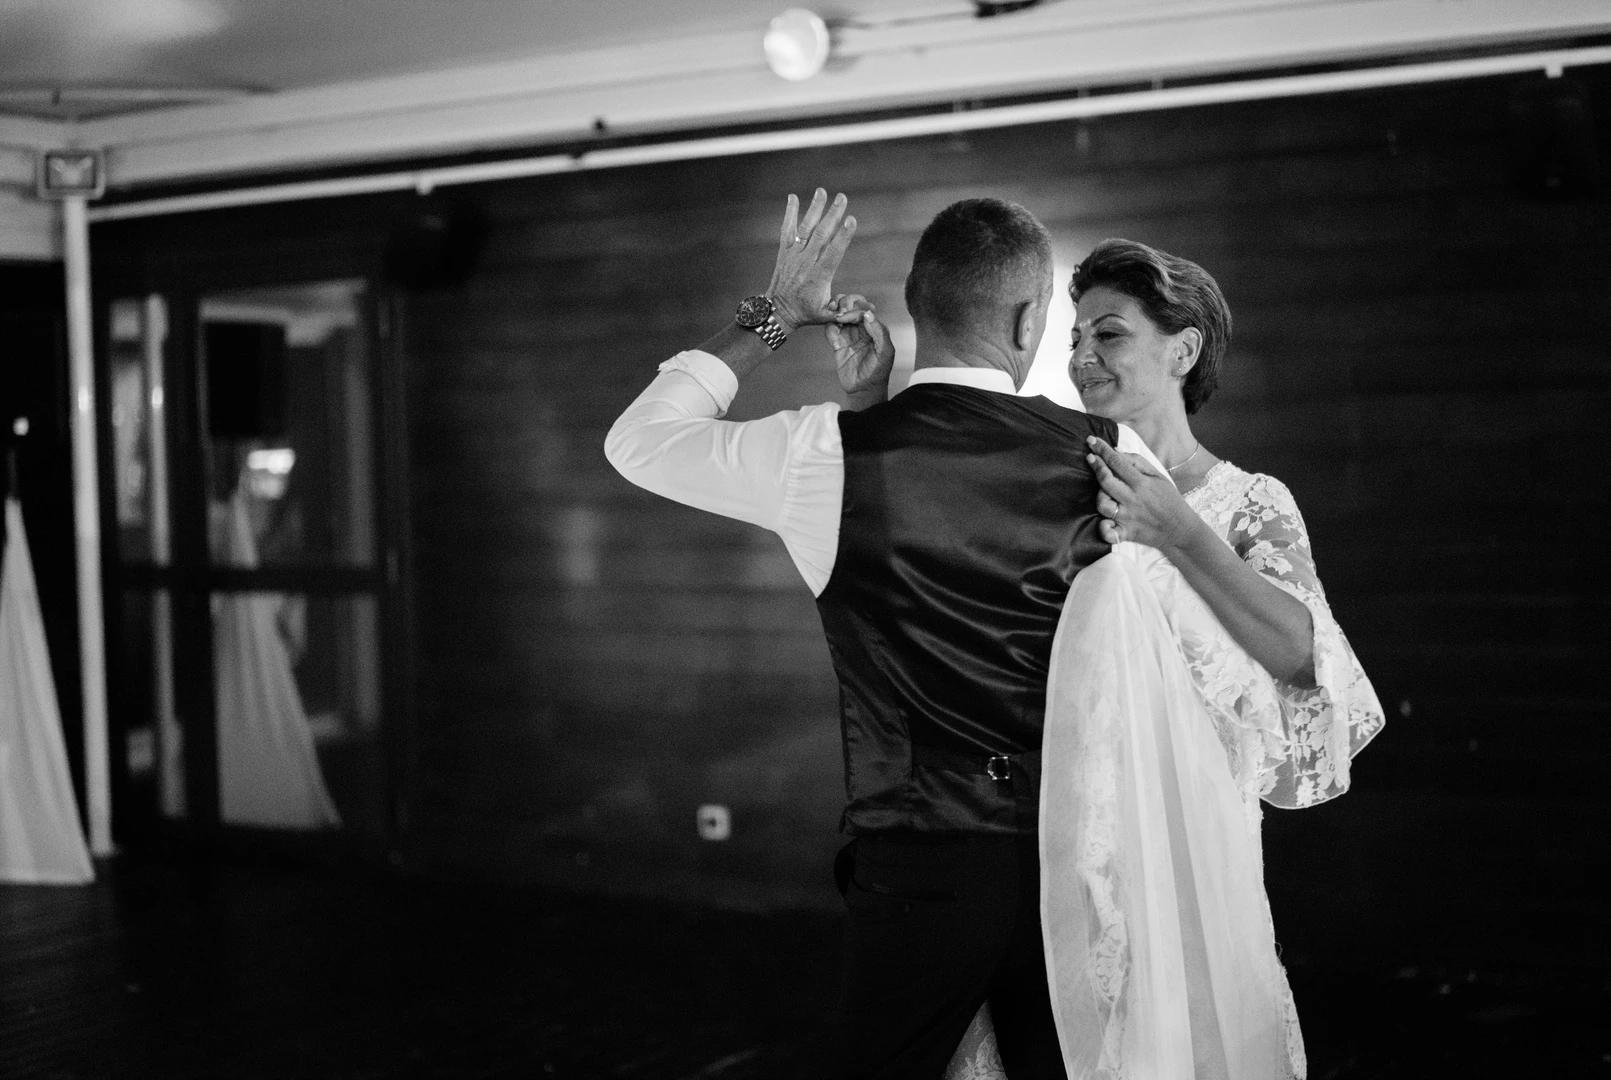 MRevenement organisation de mariage à la Réunion _ Mariage de B et JC (23).jpg